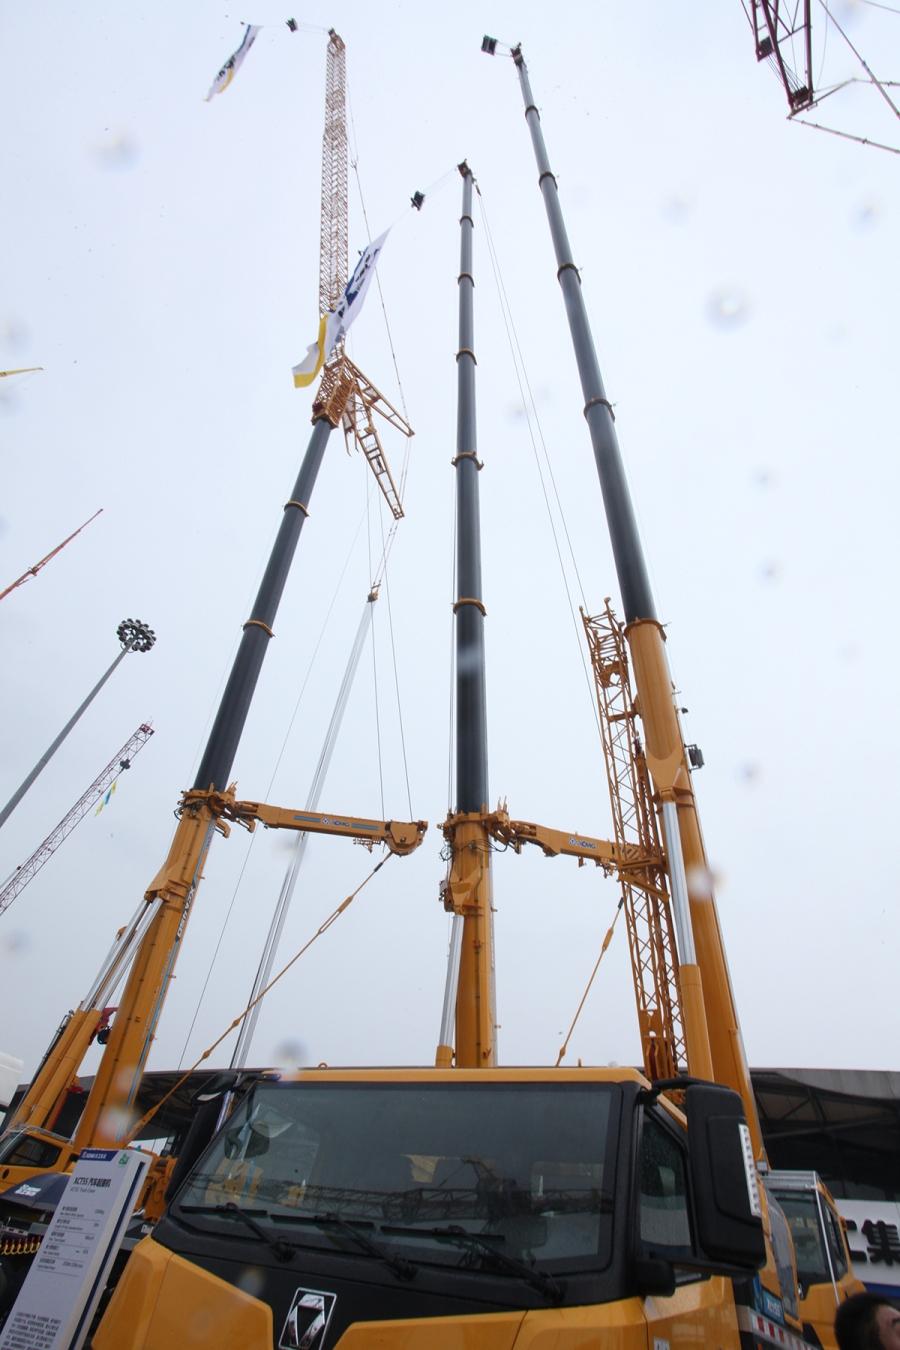 到全球最大吨位全地面起重机和履带起重机下线,徐工持续以创新驱动图片